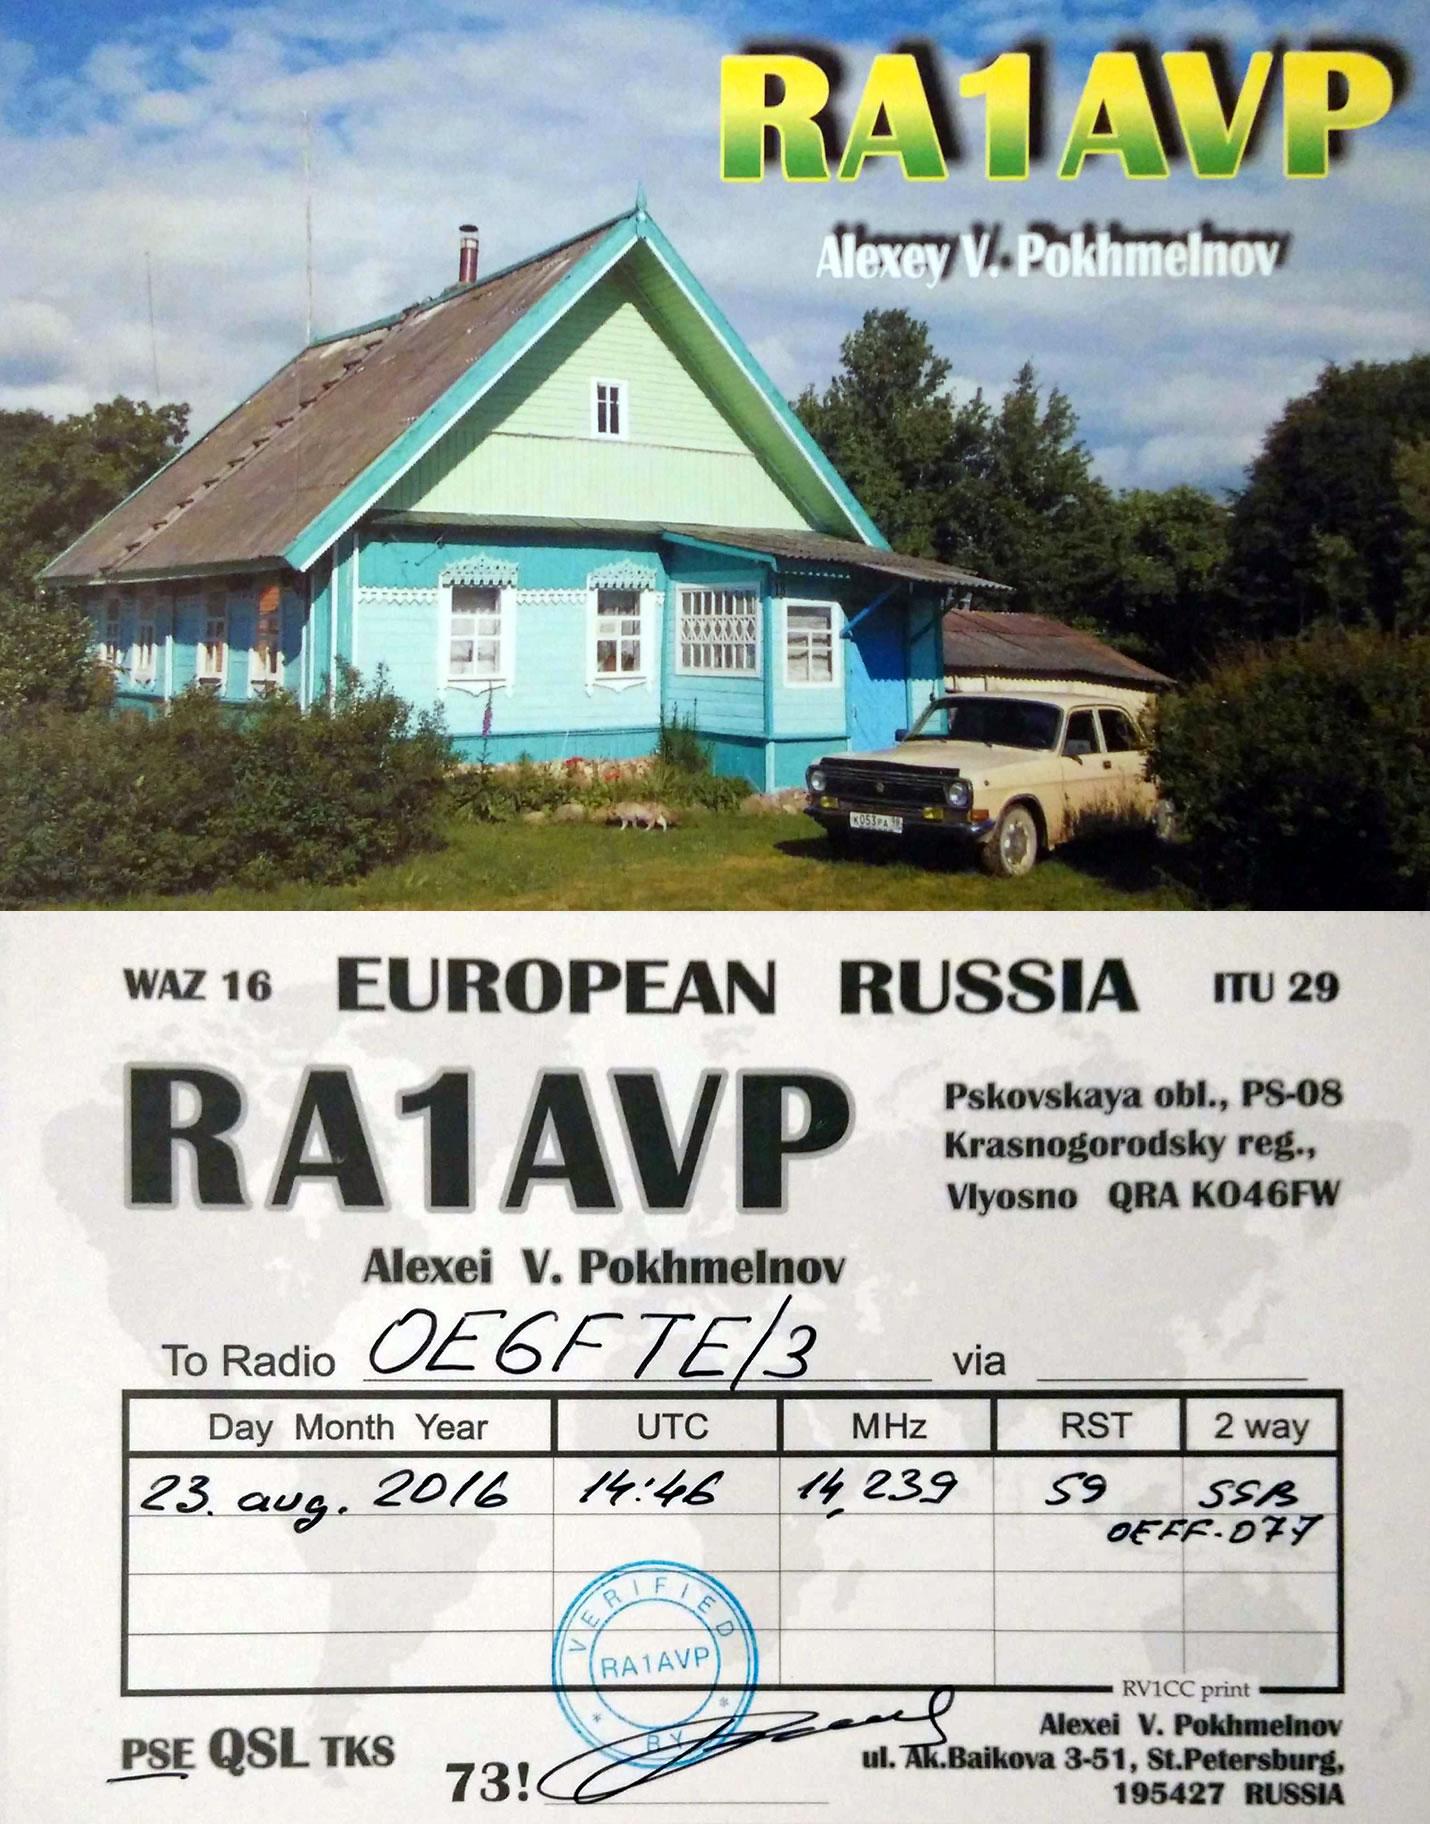 RA1AVP